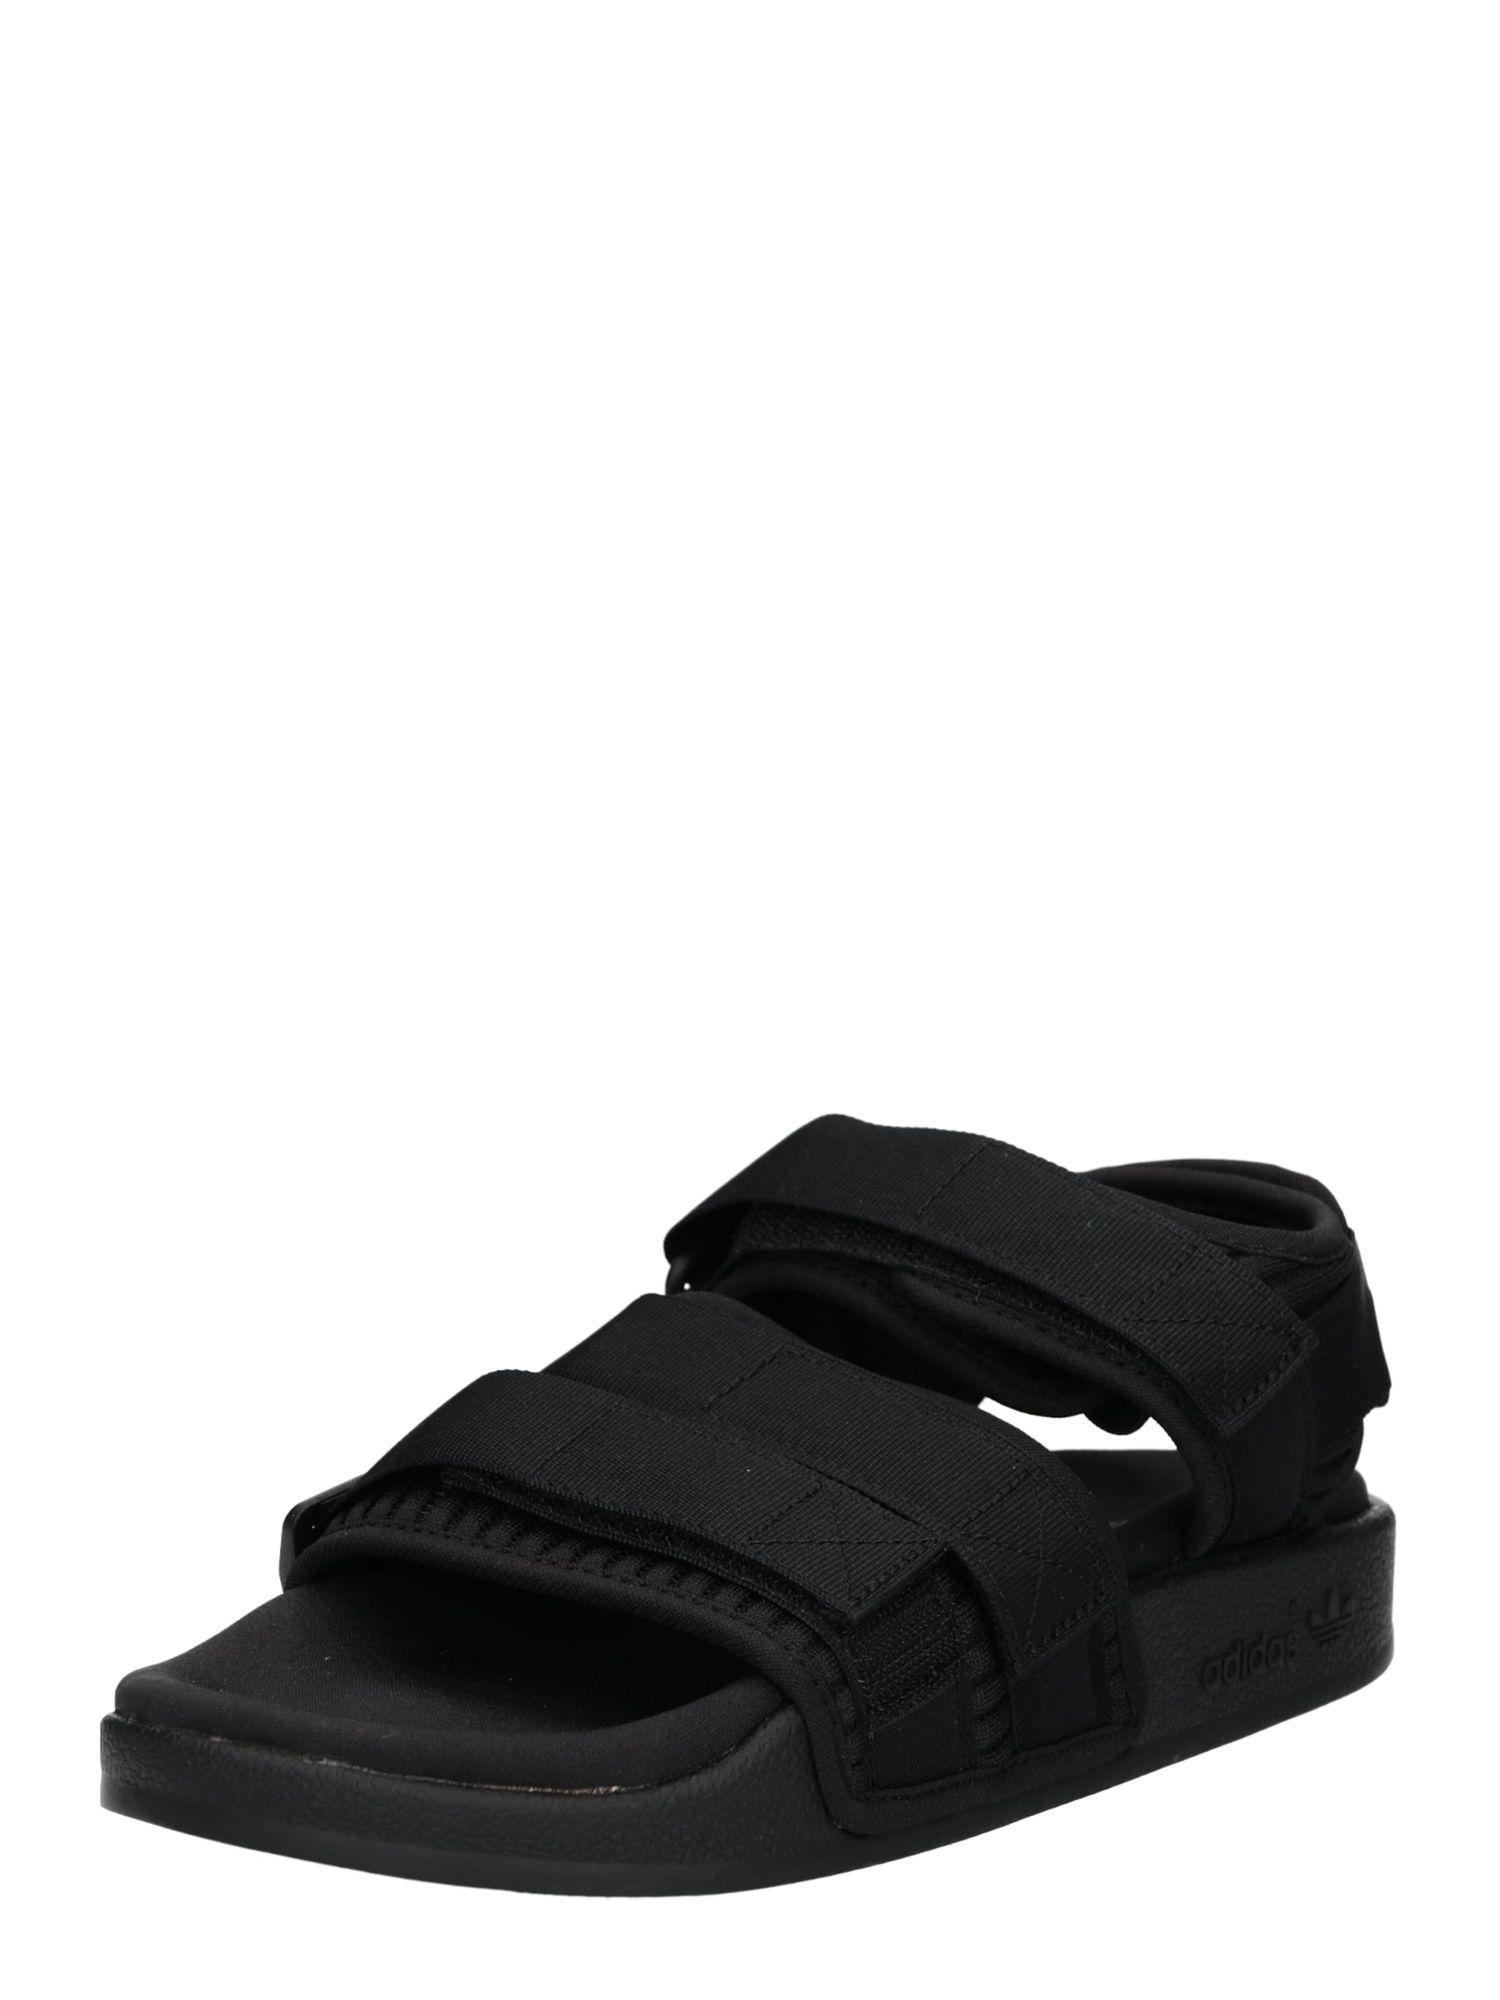 Sandalen ´ADILETTE SANDAL 2.0 W´